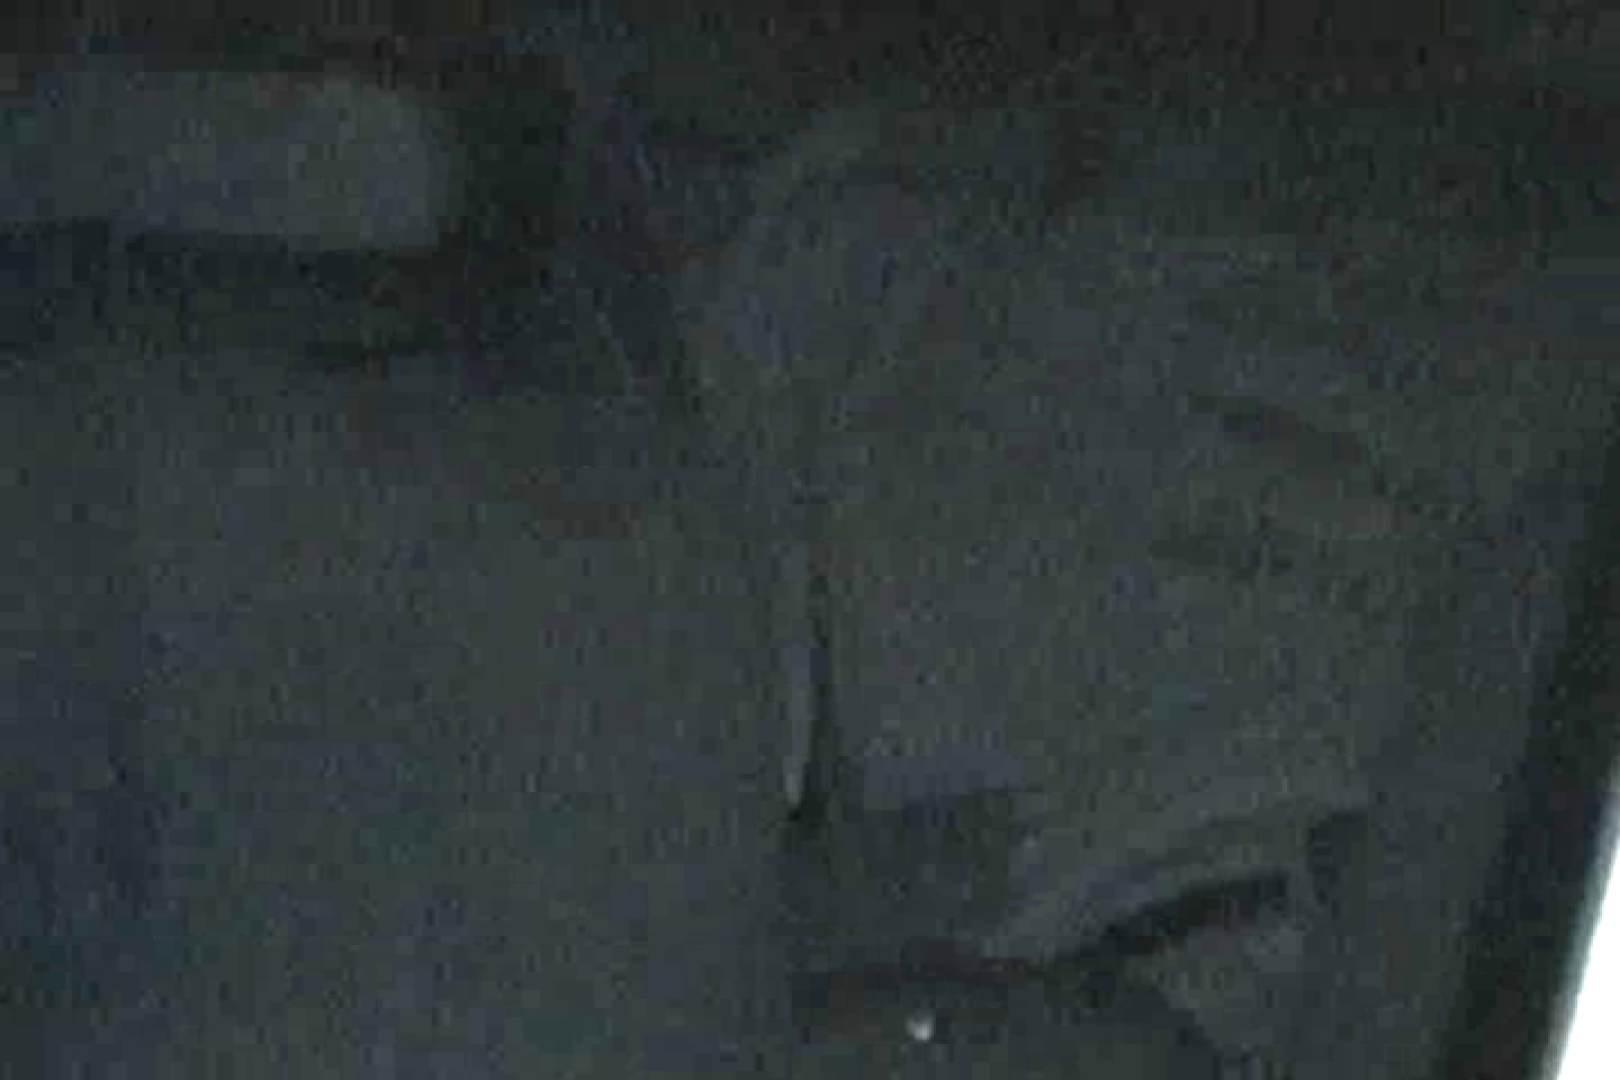 充血監督の深夜の運動会Vol.22 現役ギャル オマンコ動画キャプチャ 88pic 32